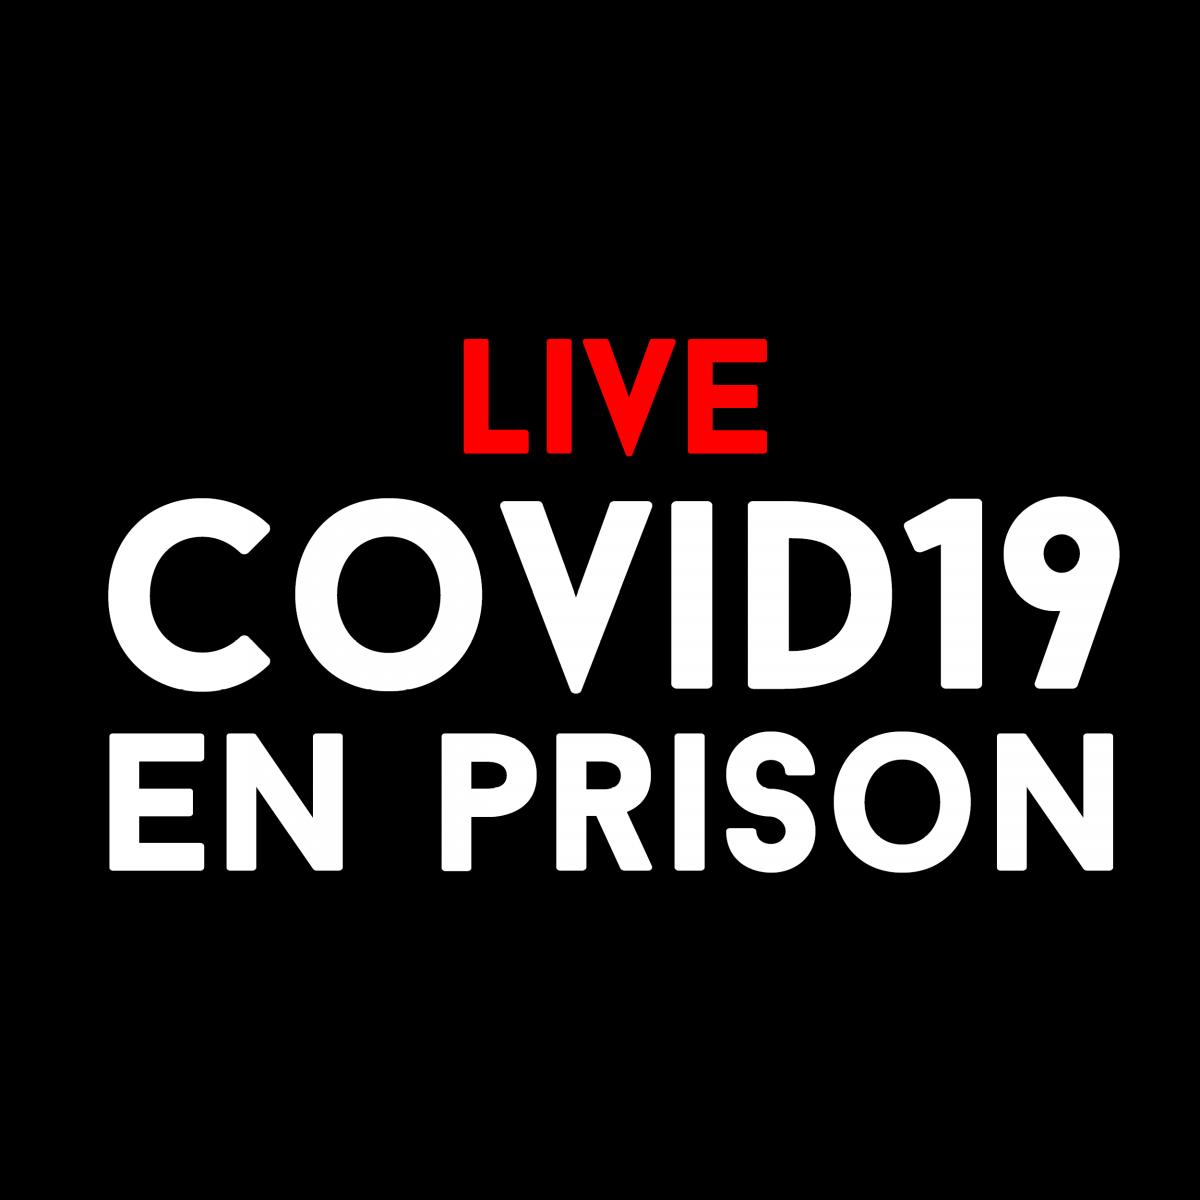 Covid-19 en prison : des organisations saisissent en urgence le Conseil d'État